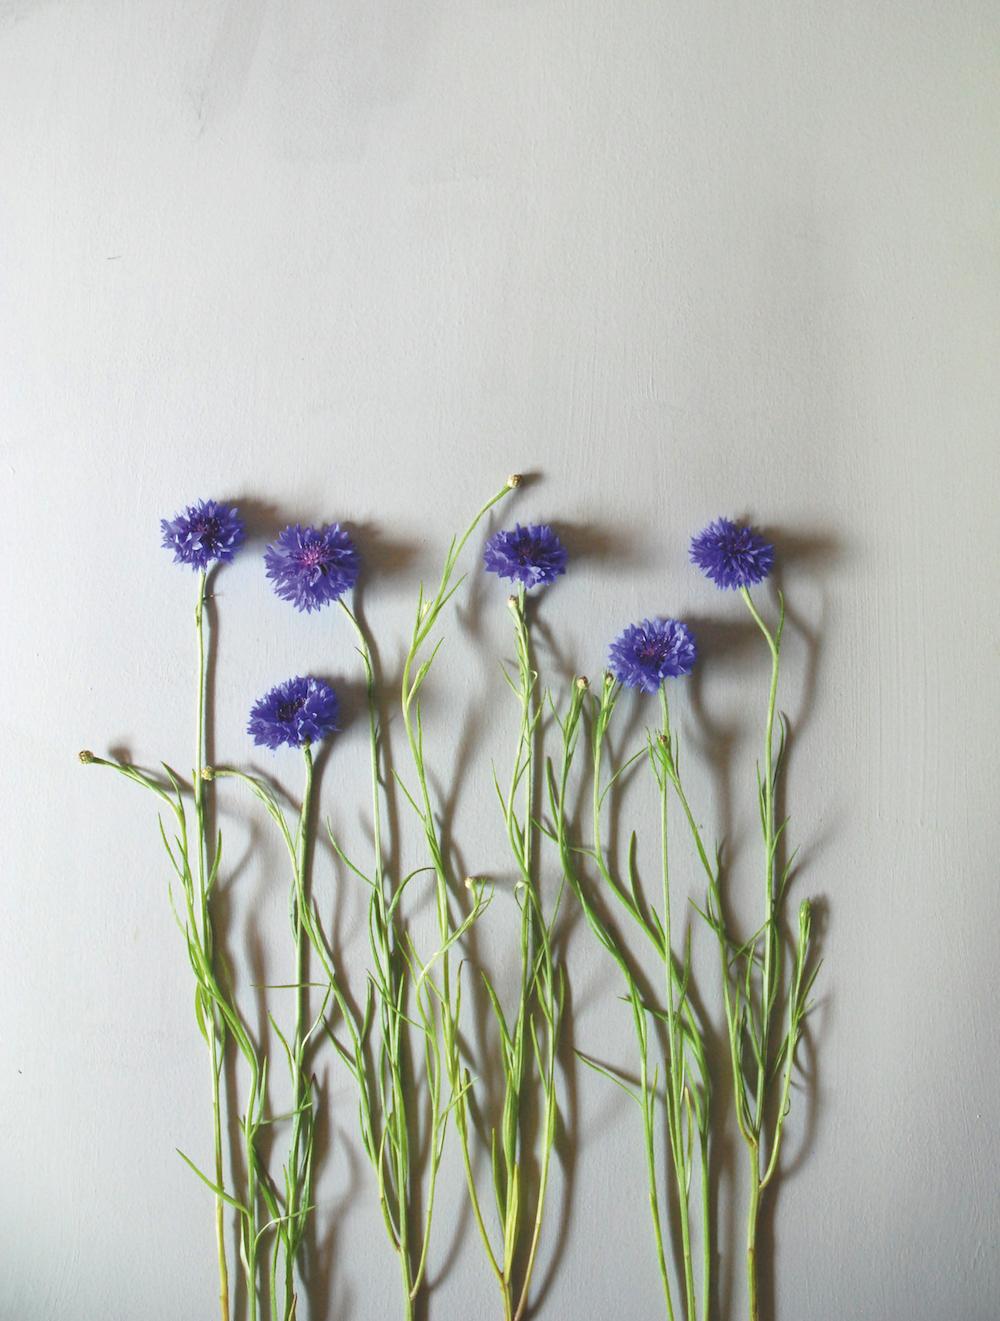 cornflowers.jpg